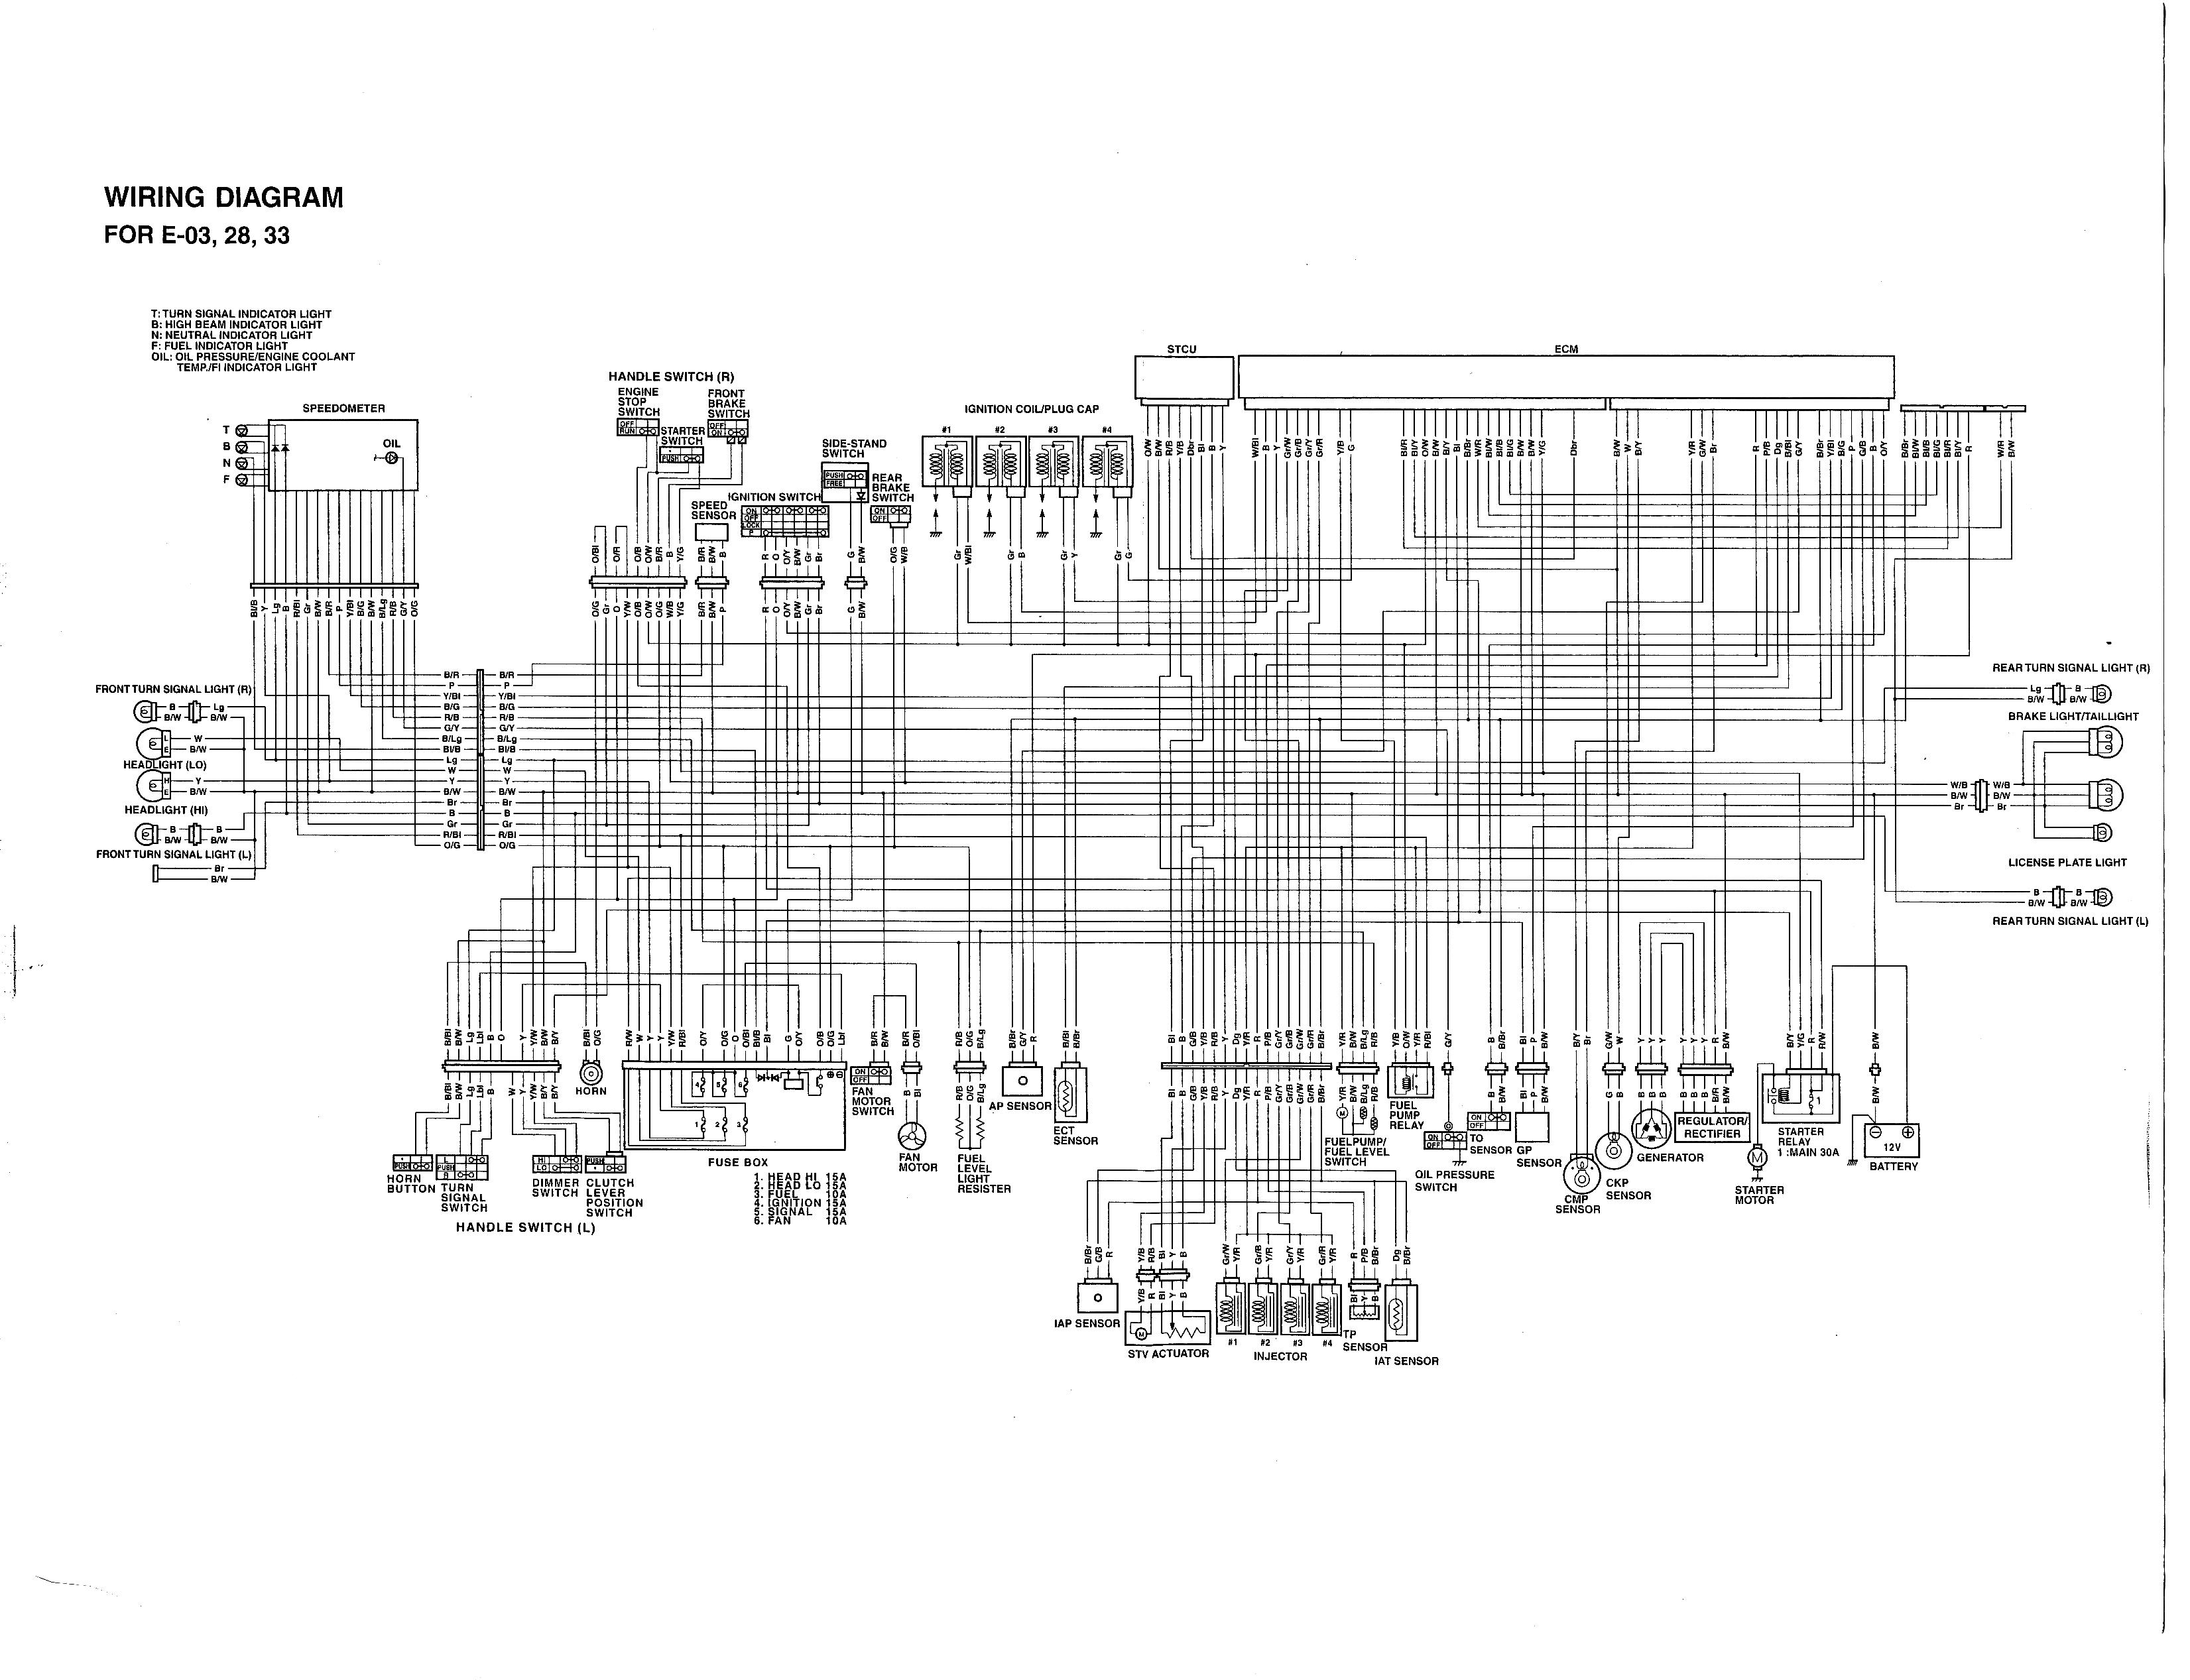 1998 Gsxr 600 Srad Wiring Diagram: 1998 Gsxr 750 Wiring Diagram - wiring  diagramrh: